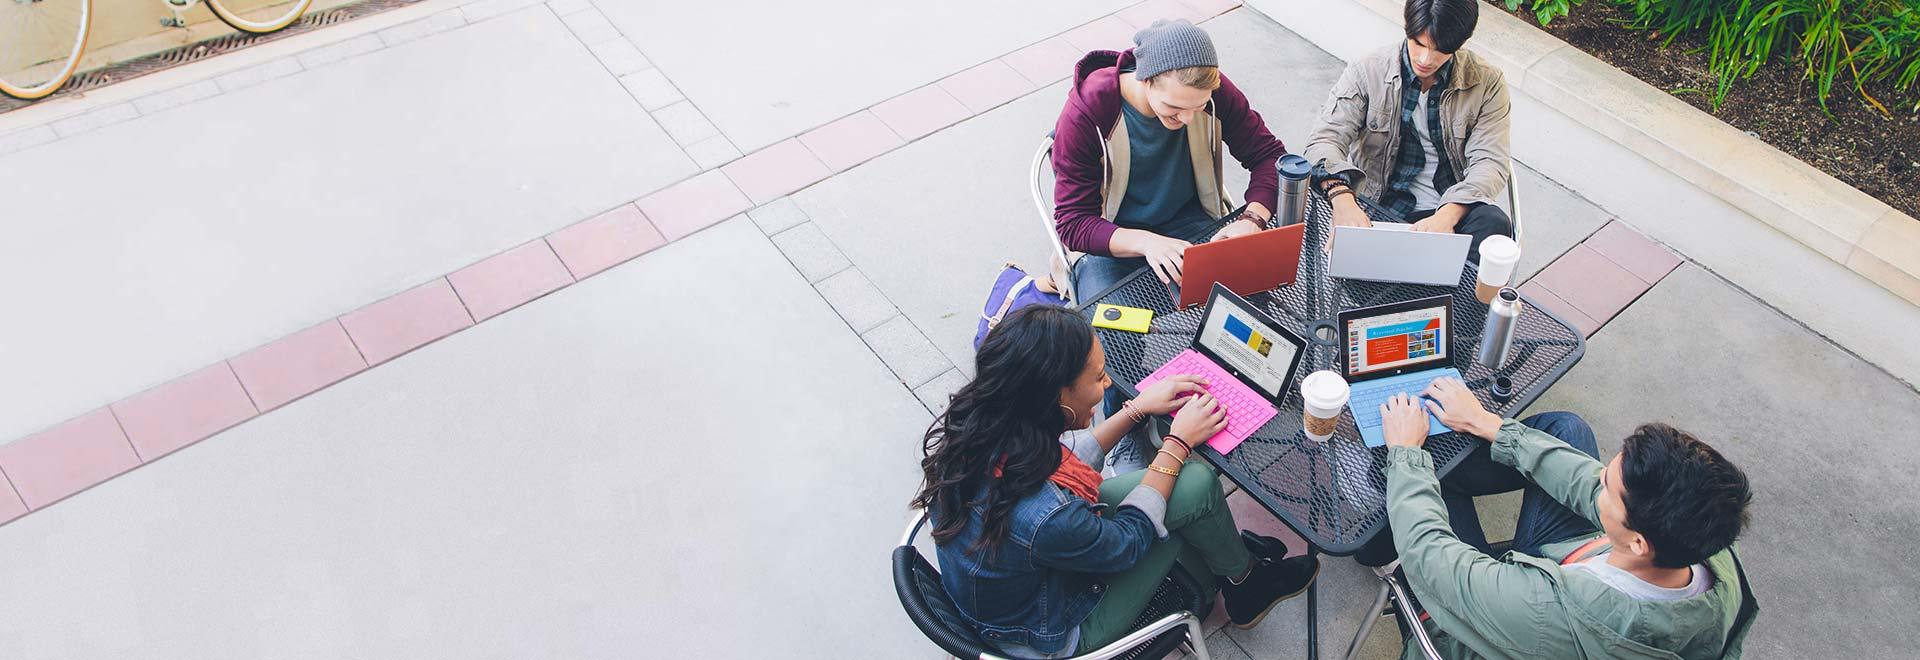 Четирима ученици, които седят на маса на открито и използват Office 365 за образование на таблет.